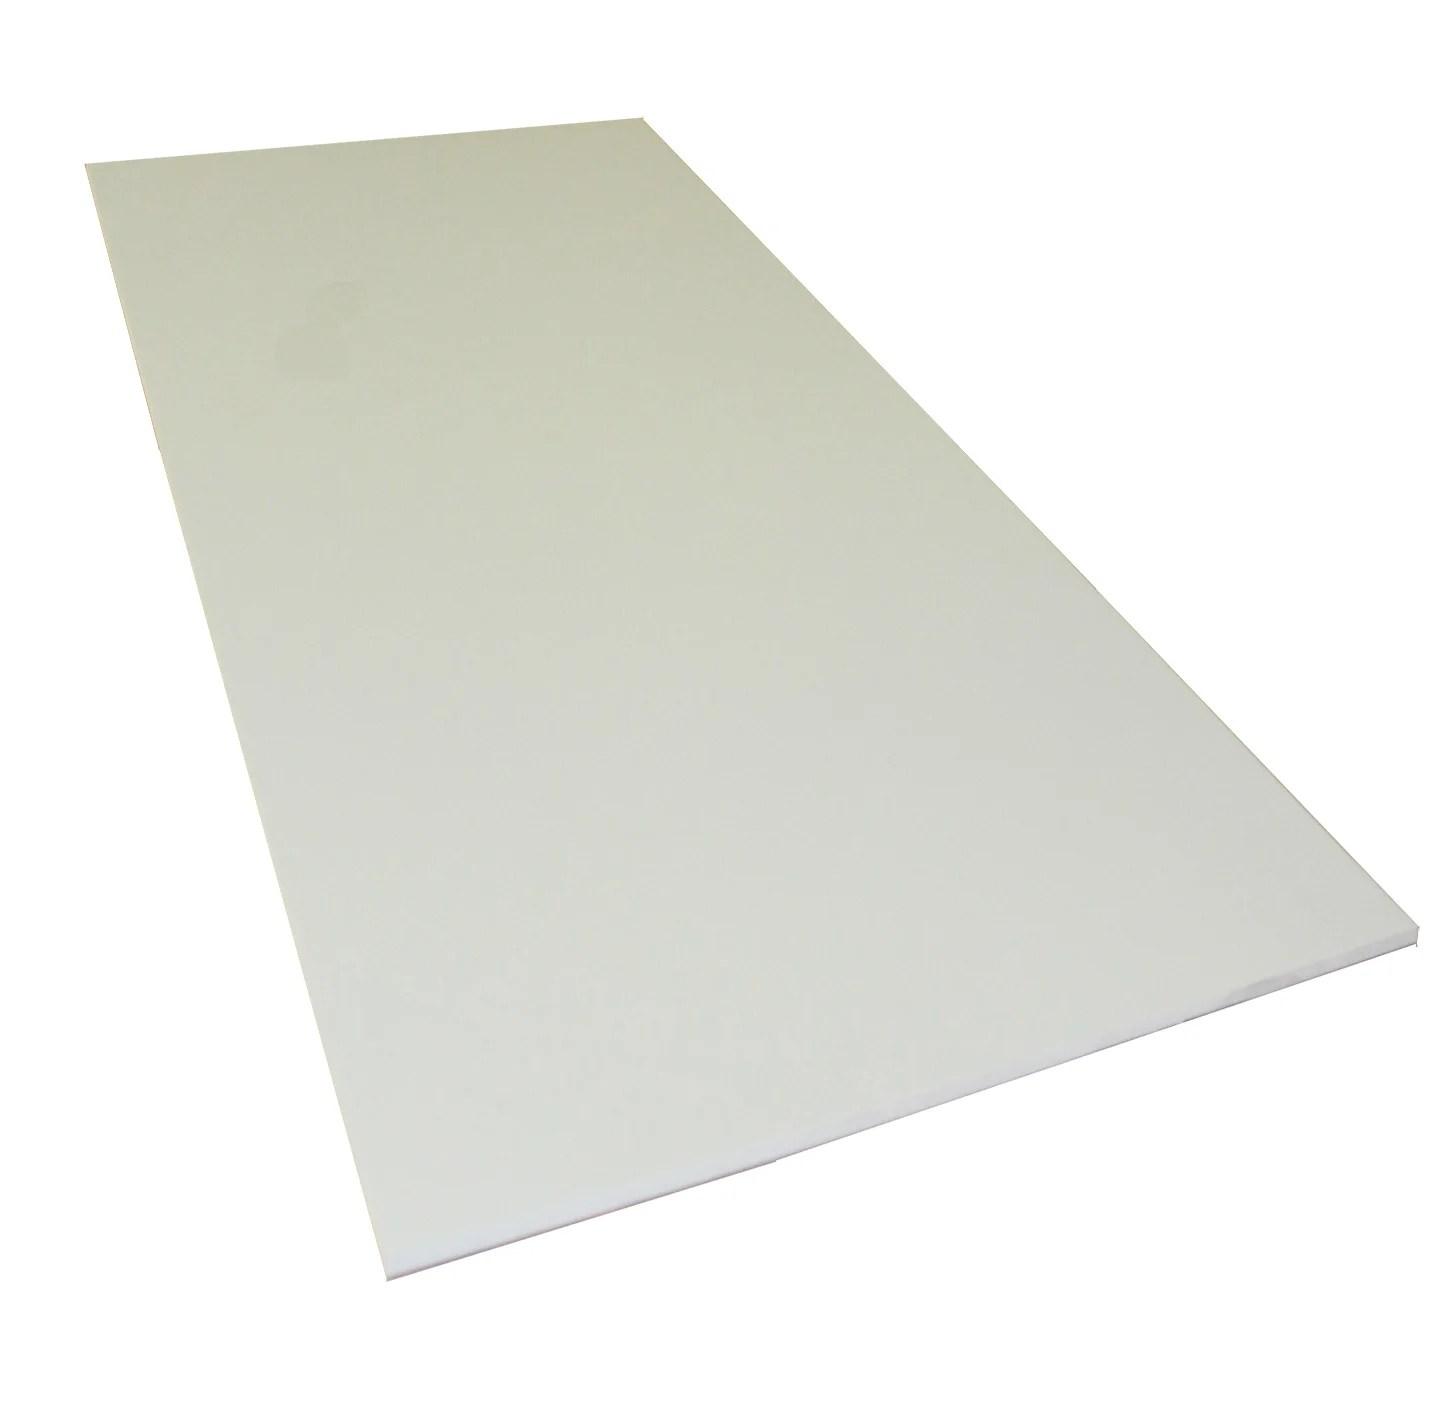 Plaque Pvc Expanse 10 Mm Blanc Lisse L 200 X 100 Cm Leroy Merlin